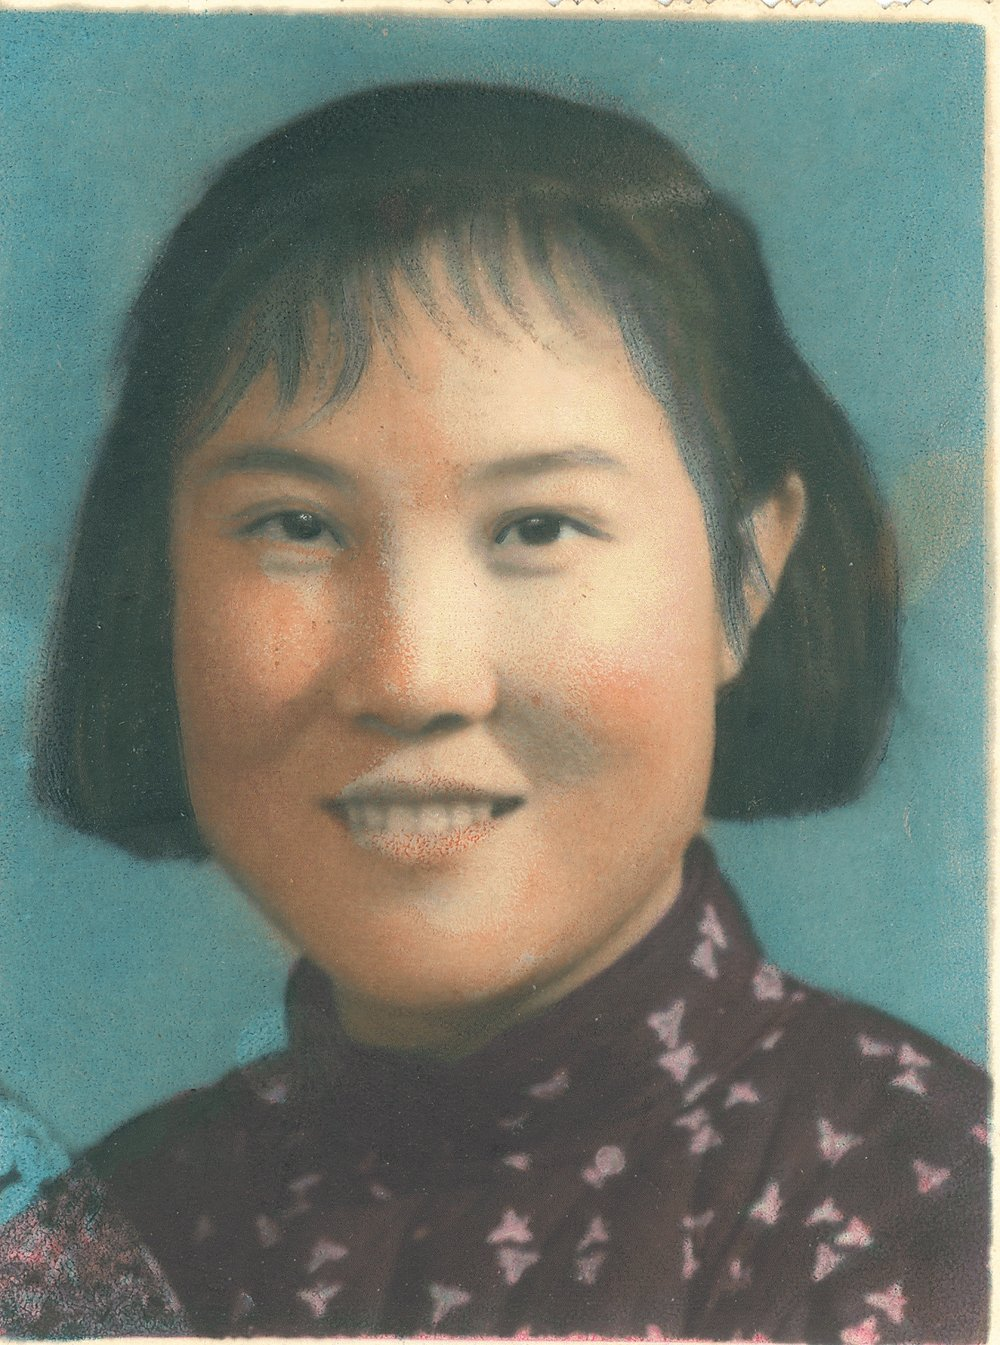 Jennifer Zeng 's mother.曾錚的母親年輕時代照片。那個年代還不能照彩色照片,所以這張照片是在黑白照上用筆像畫畫一樣上的色。有人專門會做這個,要另外加錢哦